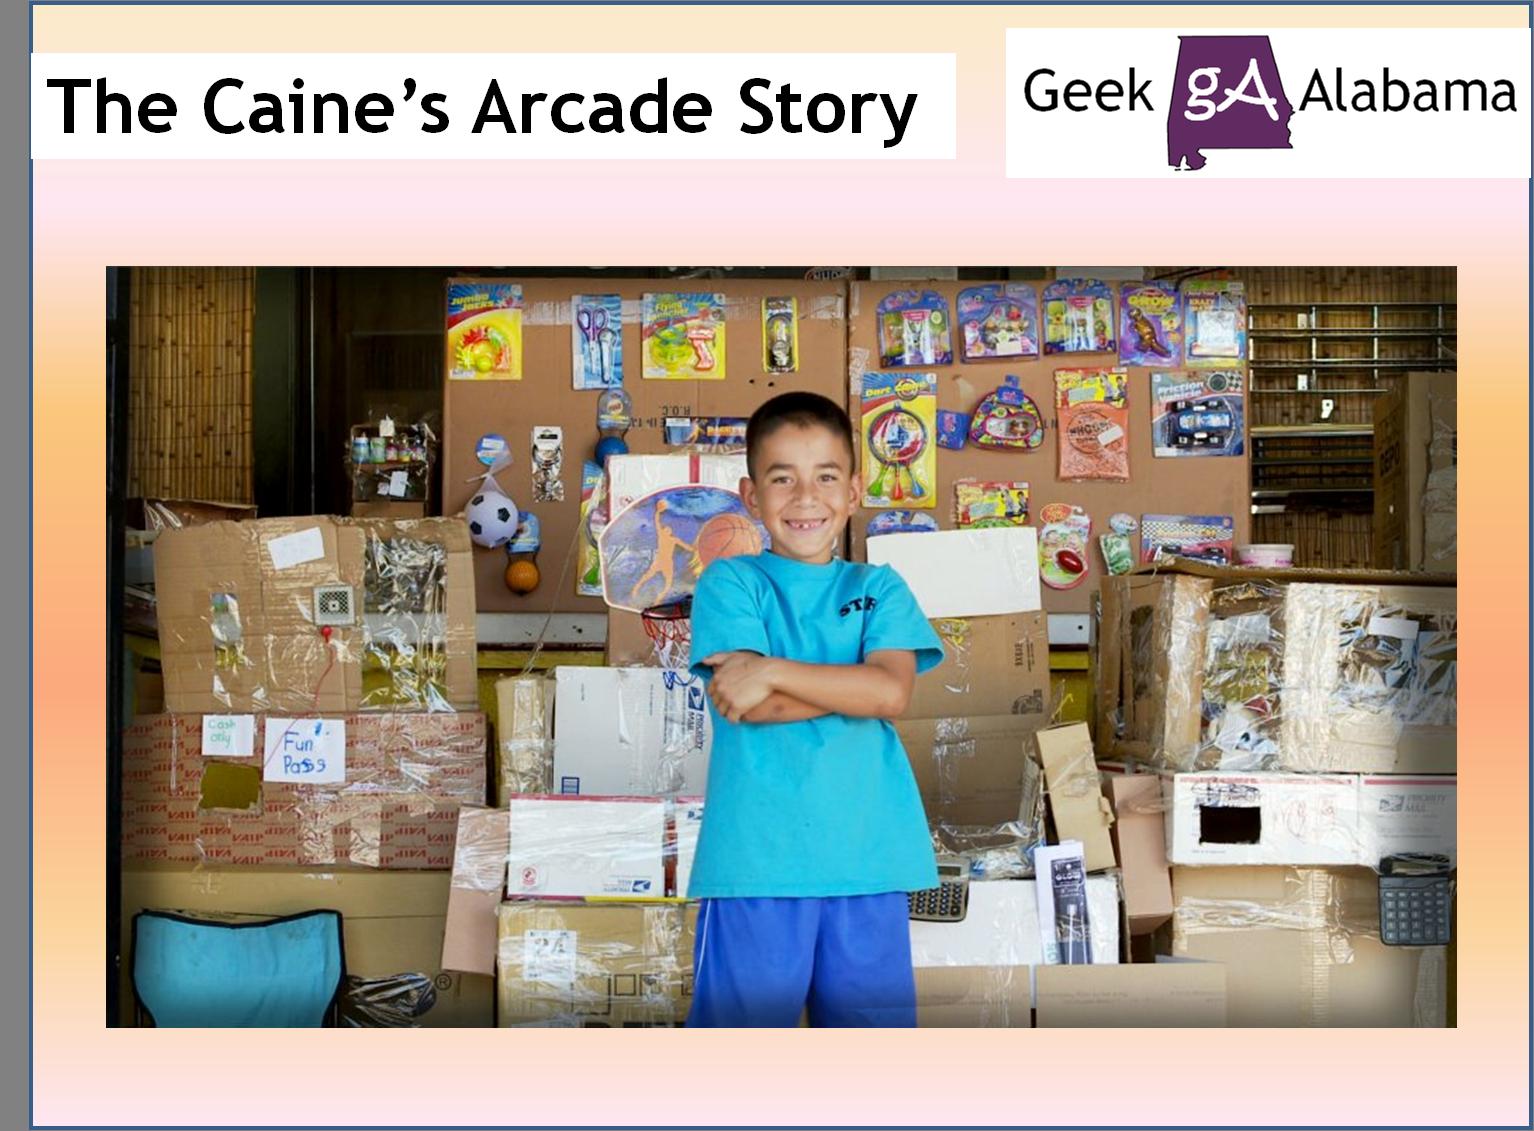 of Caine Monroy's Arcade